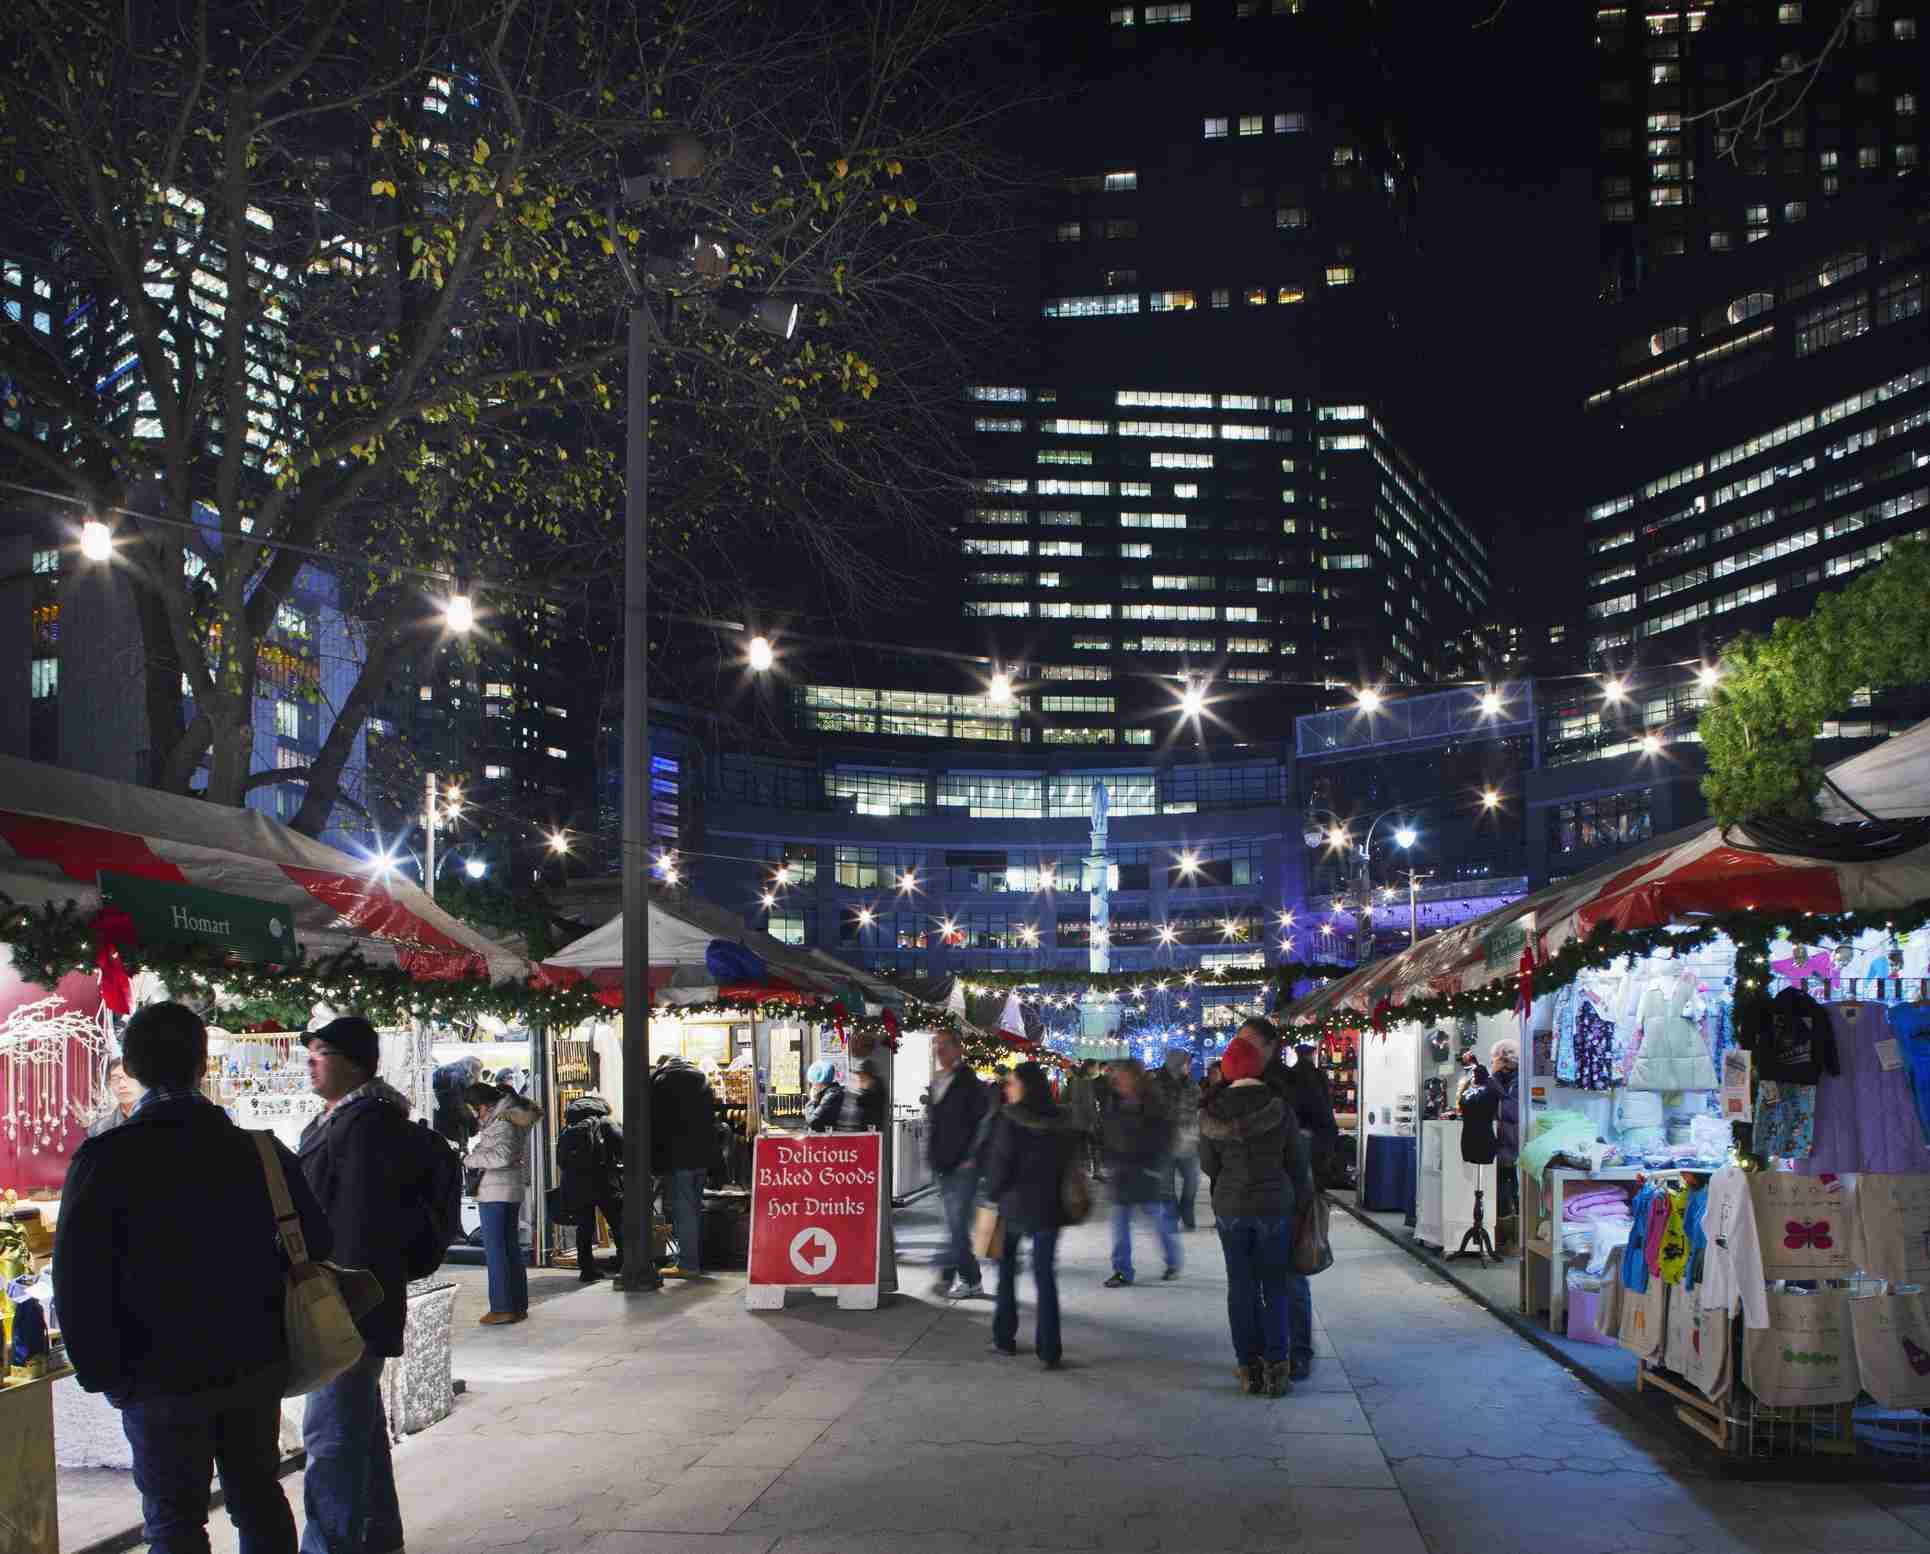 The Holiday Market at Colombus Circle.